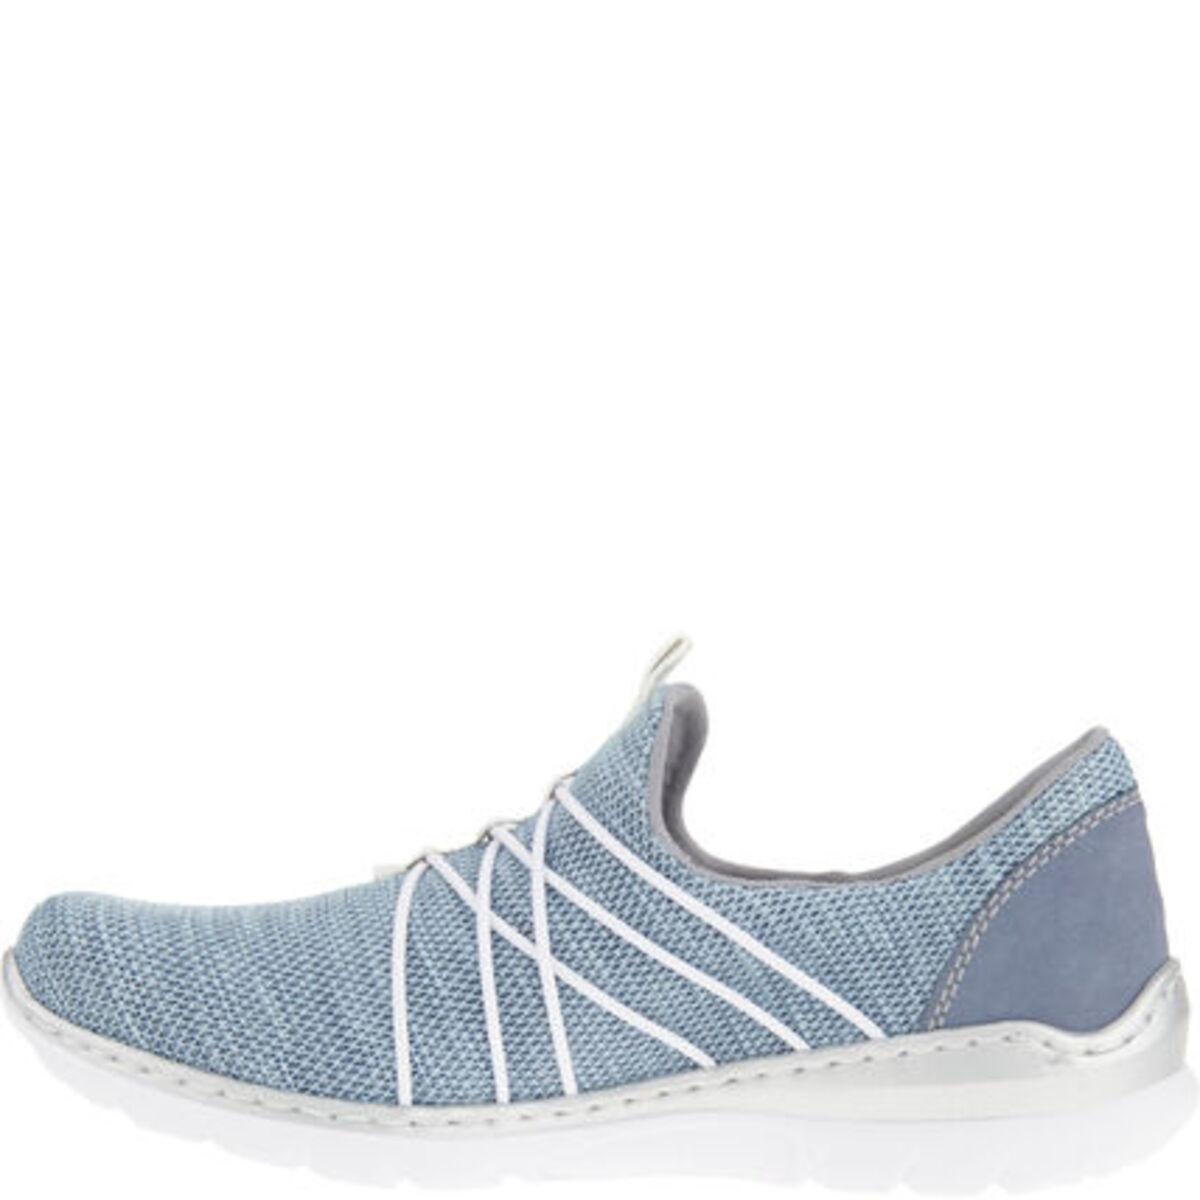 Bild 3 von Rieker Sneaker, Slipper, melierte Optik, für Damen